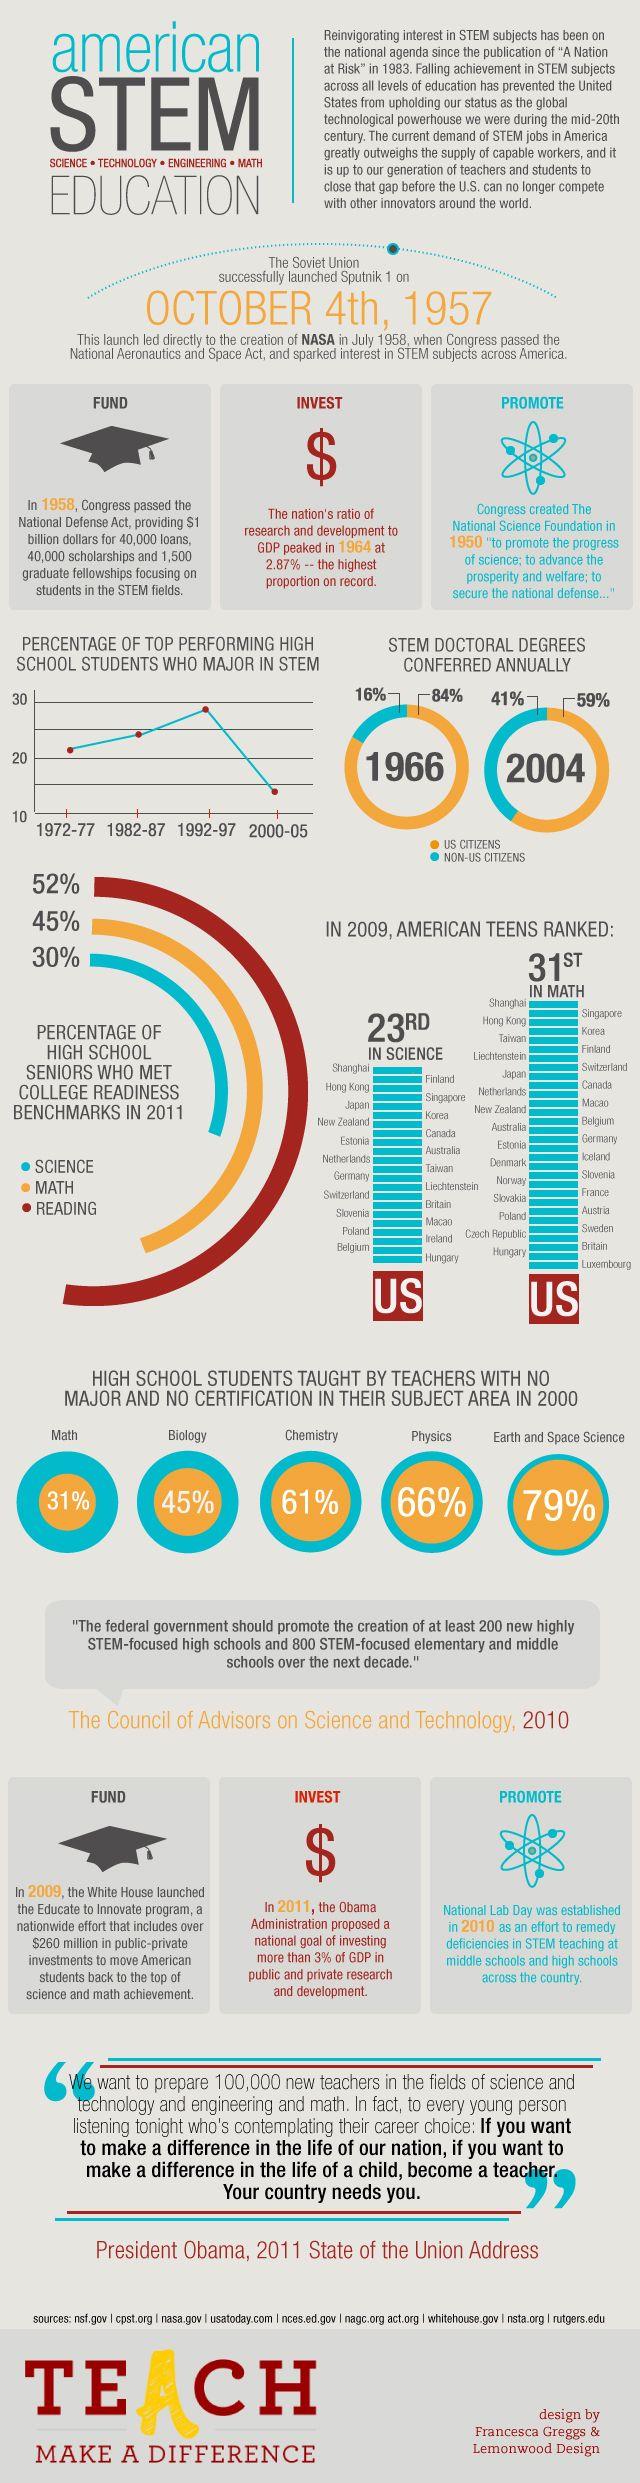 Teach.com STEM Infographic